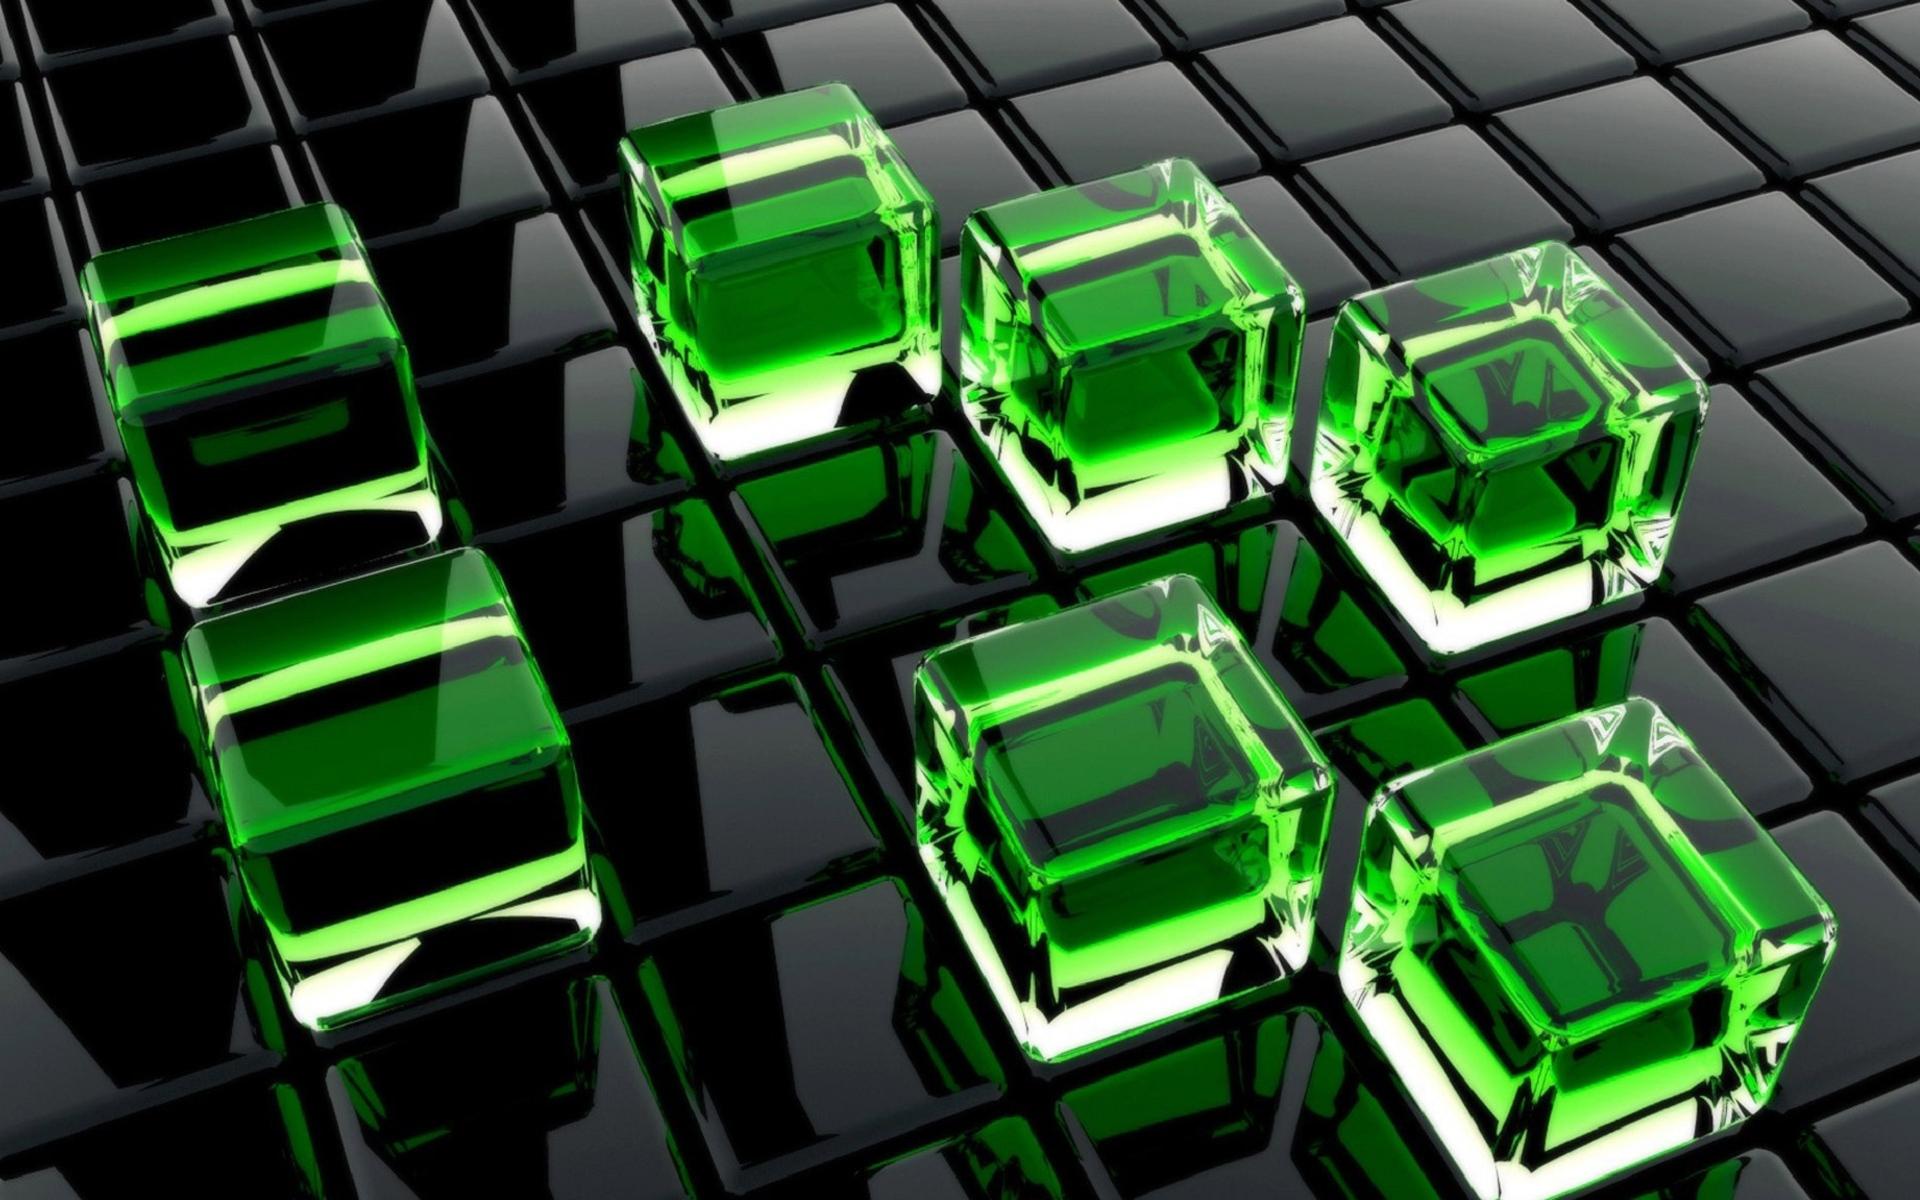 3d Cube Wallpaper 230 HD Wallpaper 3D Desktop Backgrounds 1920x1200